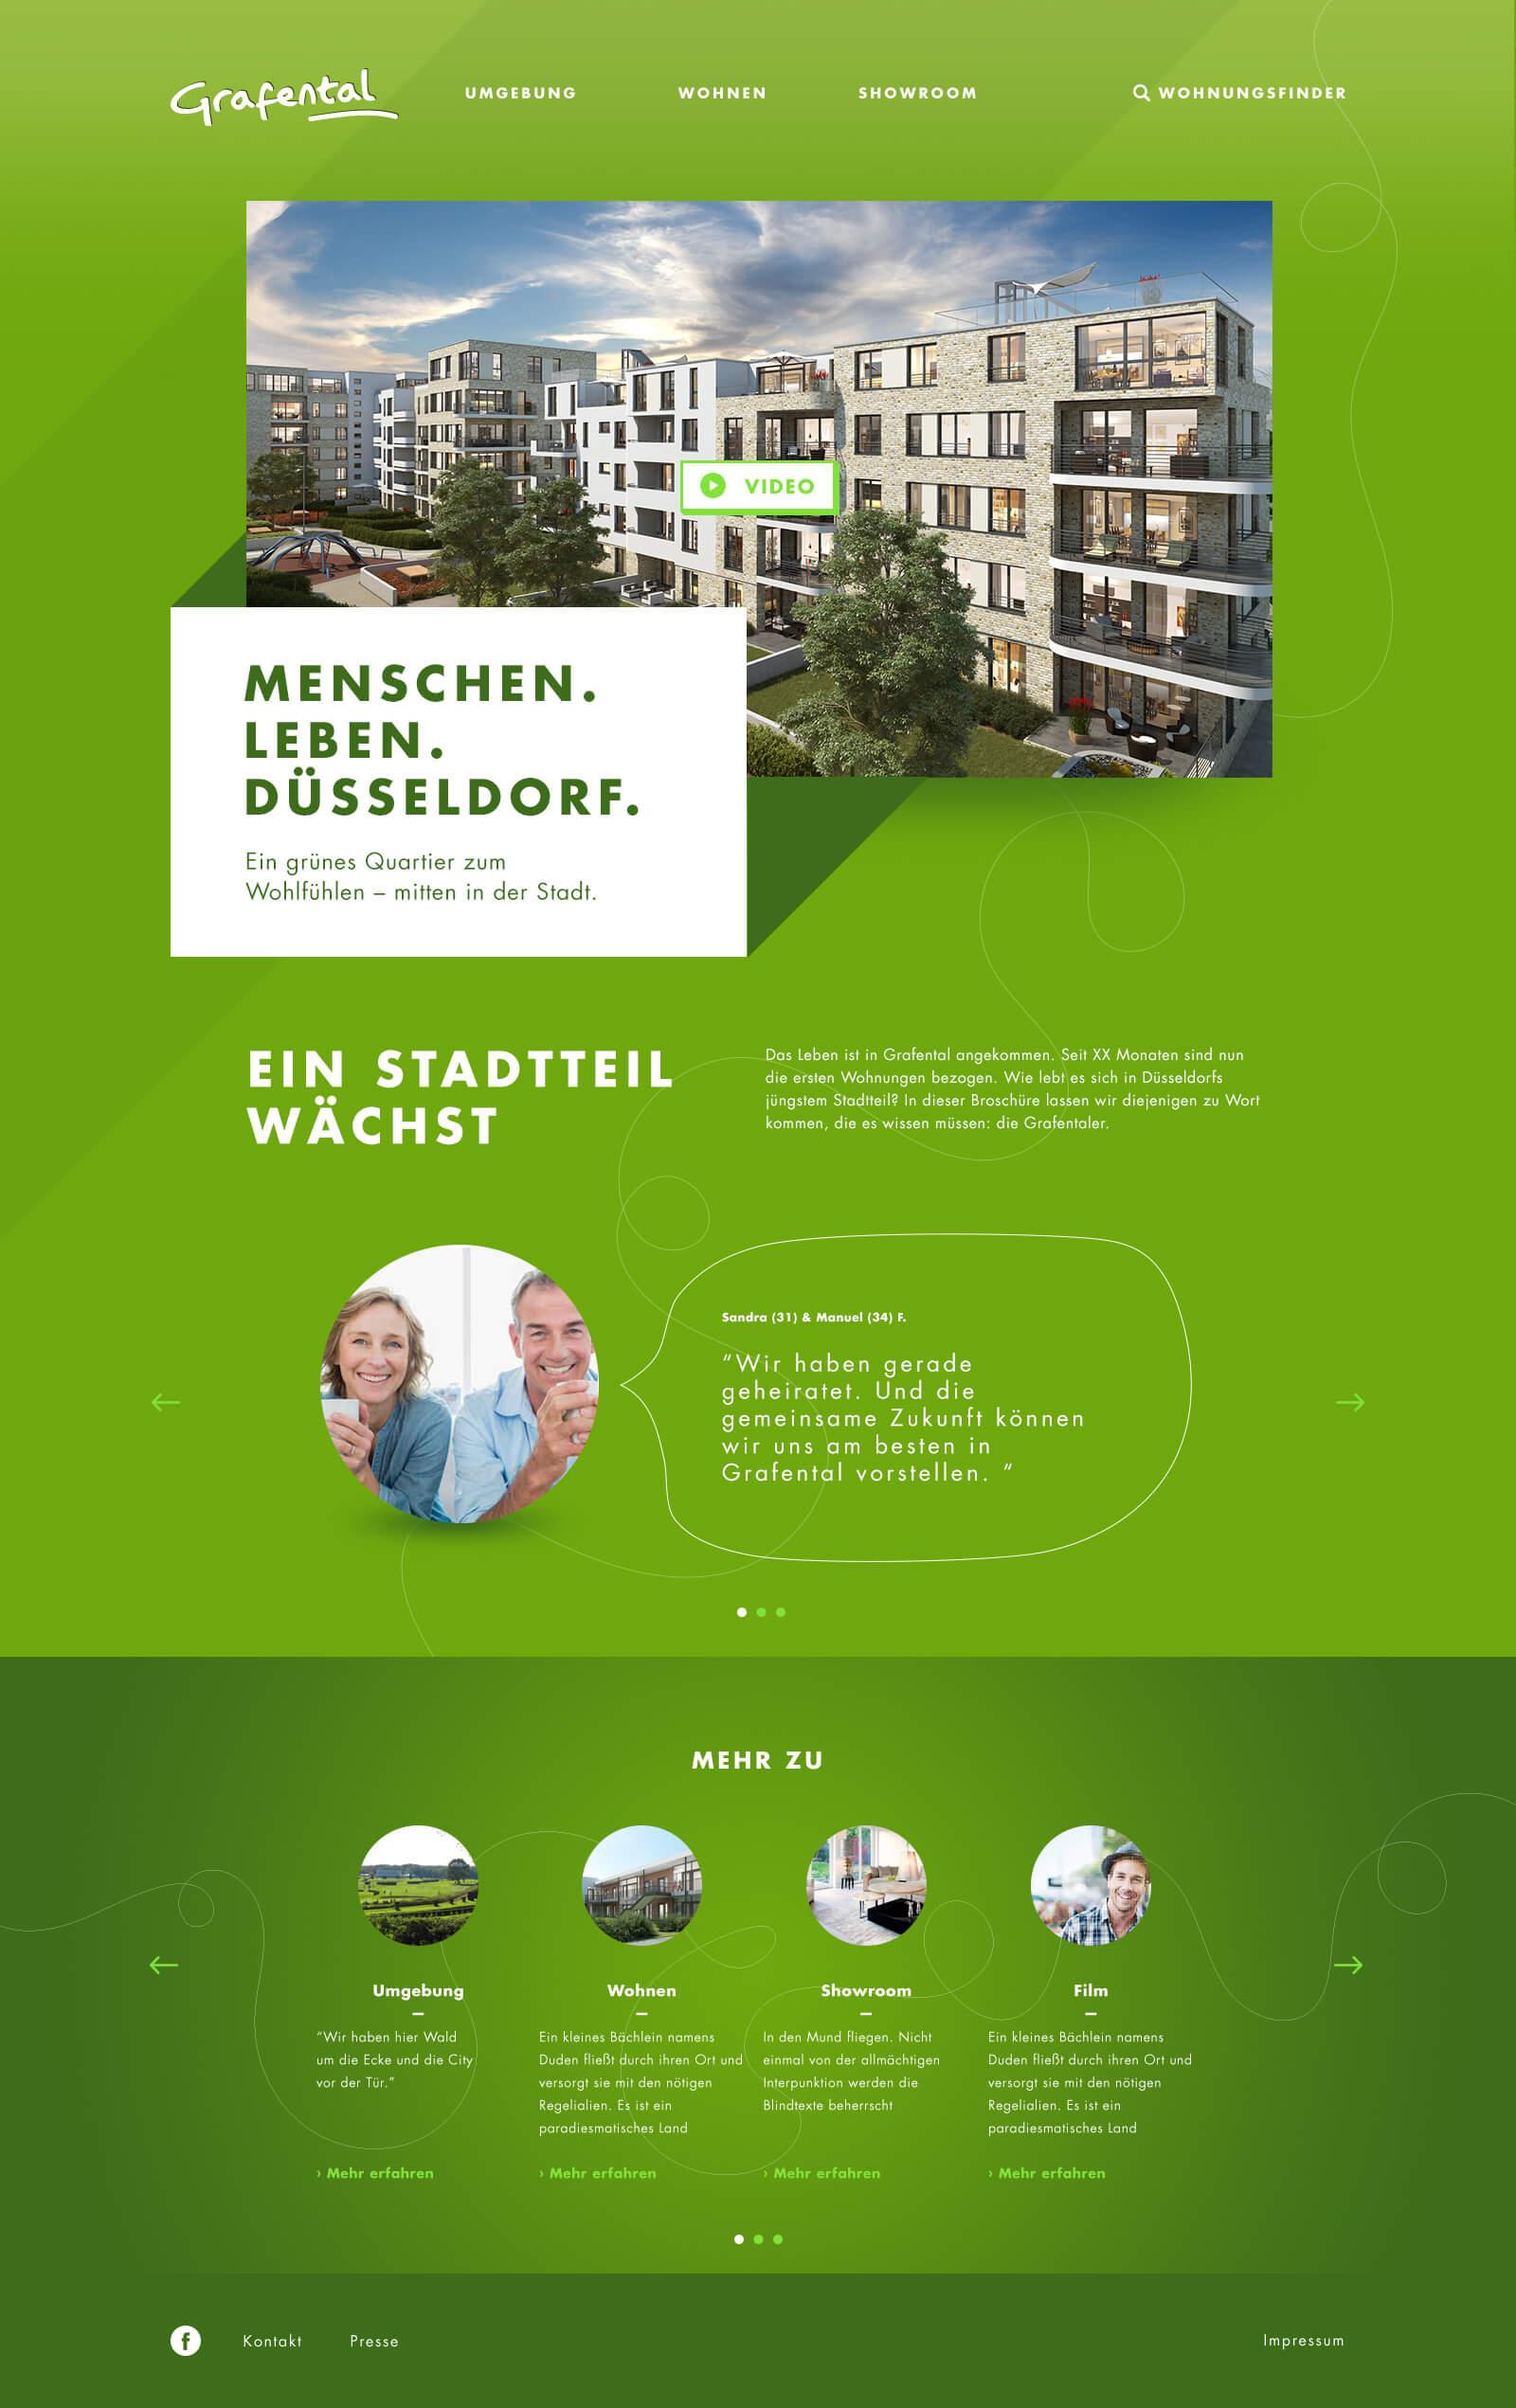 Webdesign für ein Immobilienprojekt in Düsseldorf: Grafental. Dies ist die Startseite